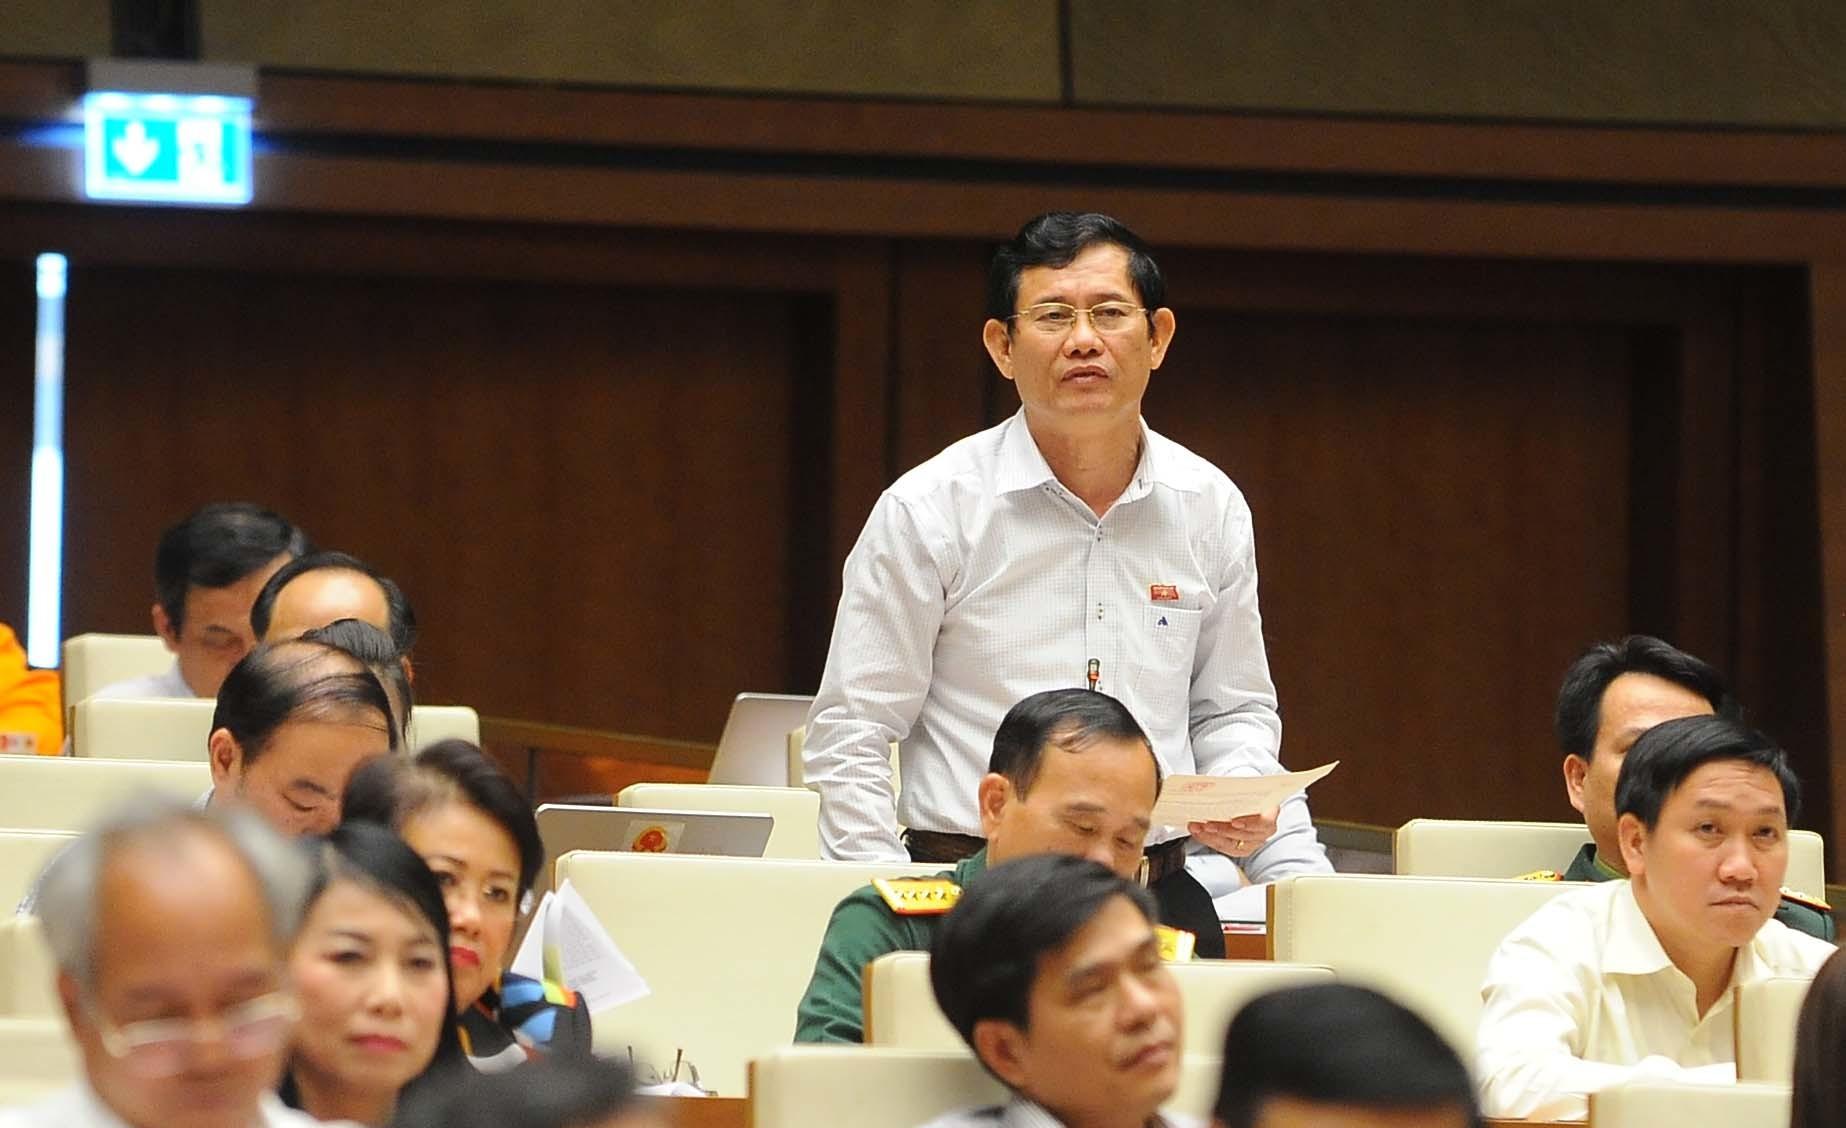 ngô văn minh, bổ nhiệm người nhà, Bộ trưởng Nội vụ, Lê Vĩnh Tân, Trịnh Xuân Thanh,